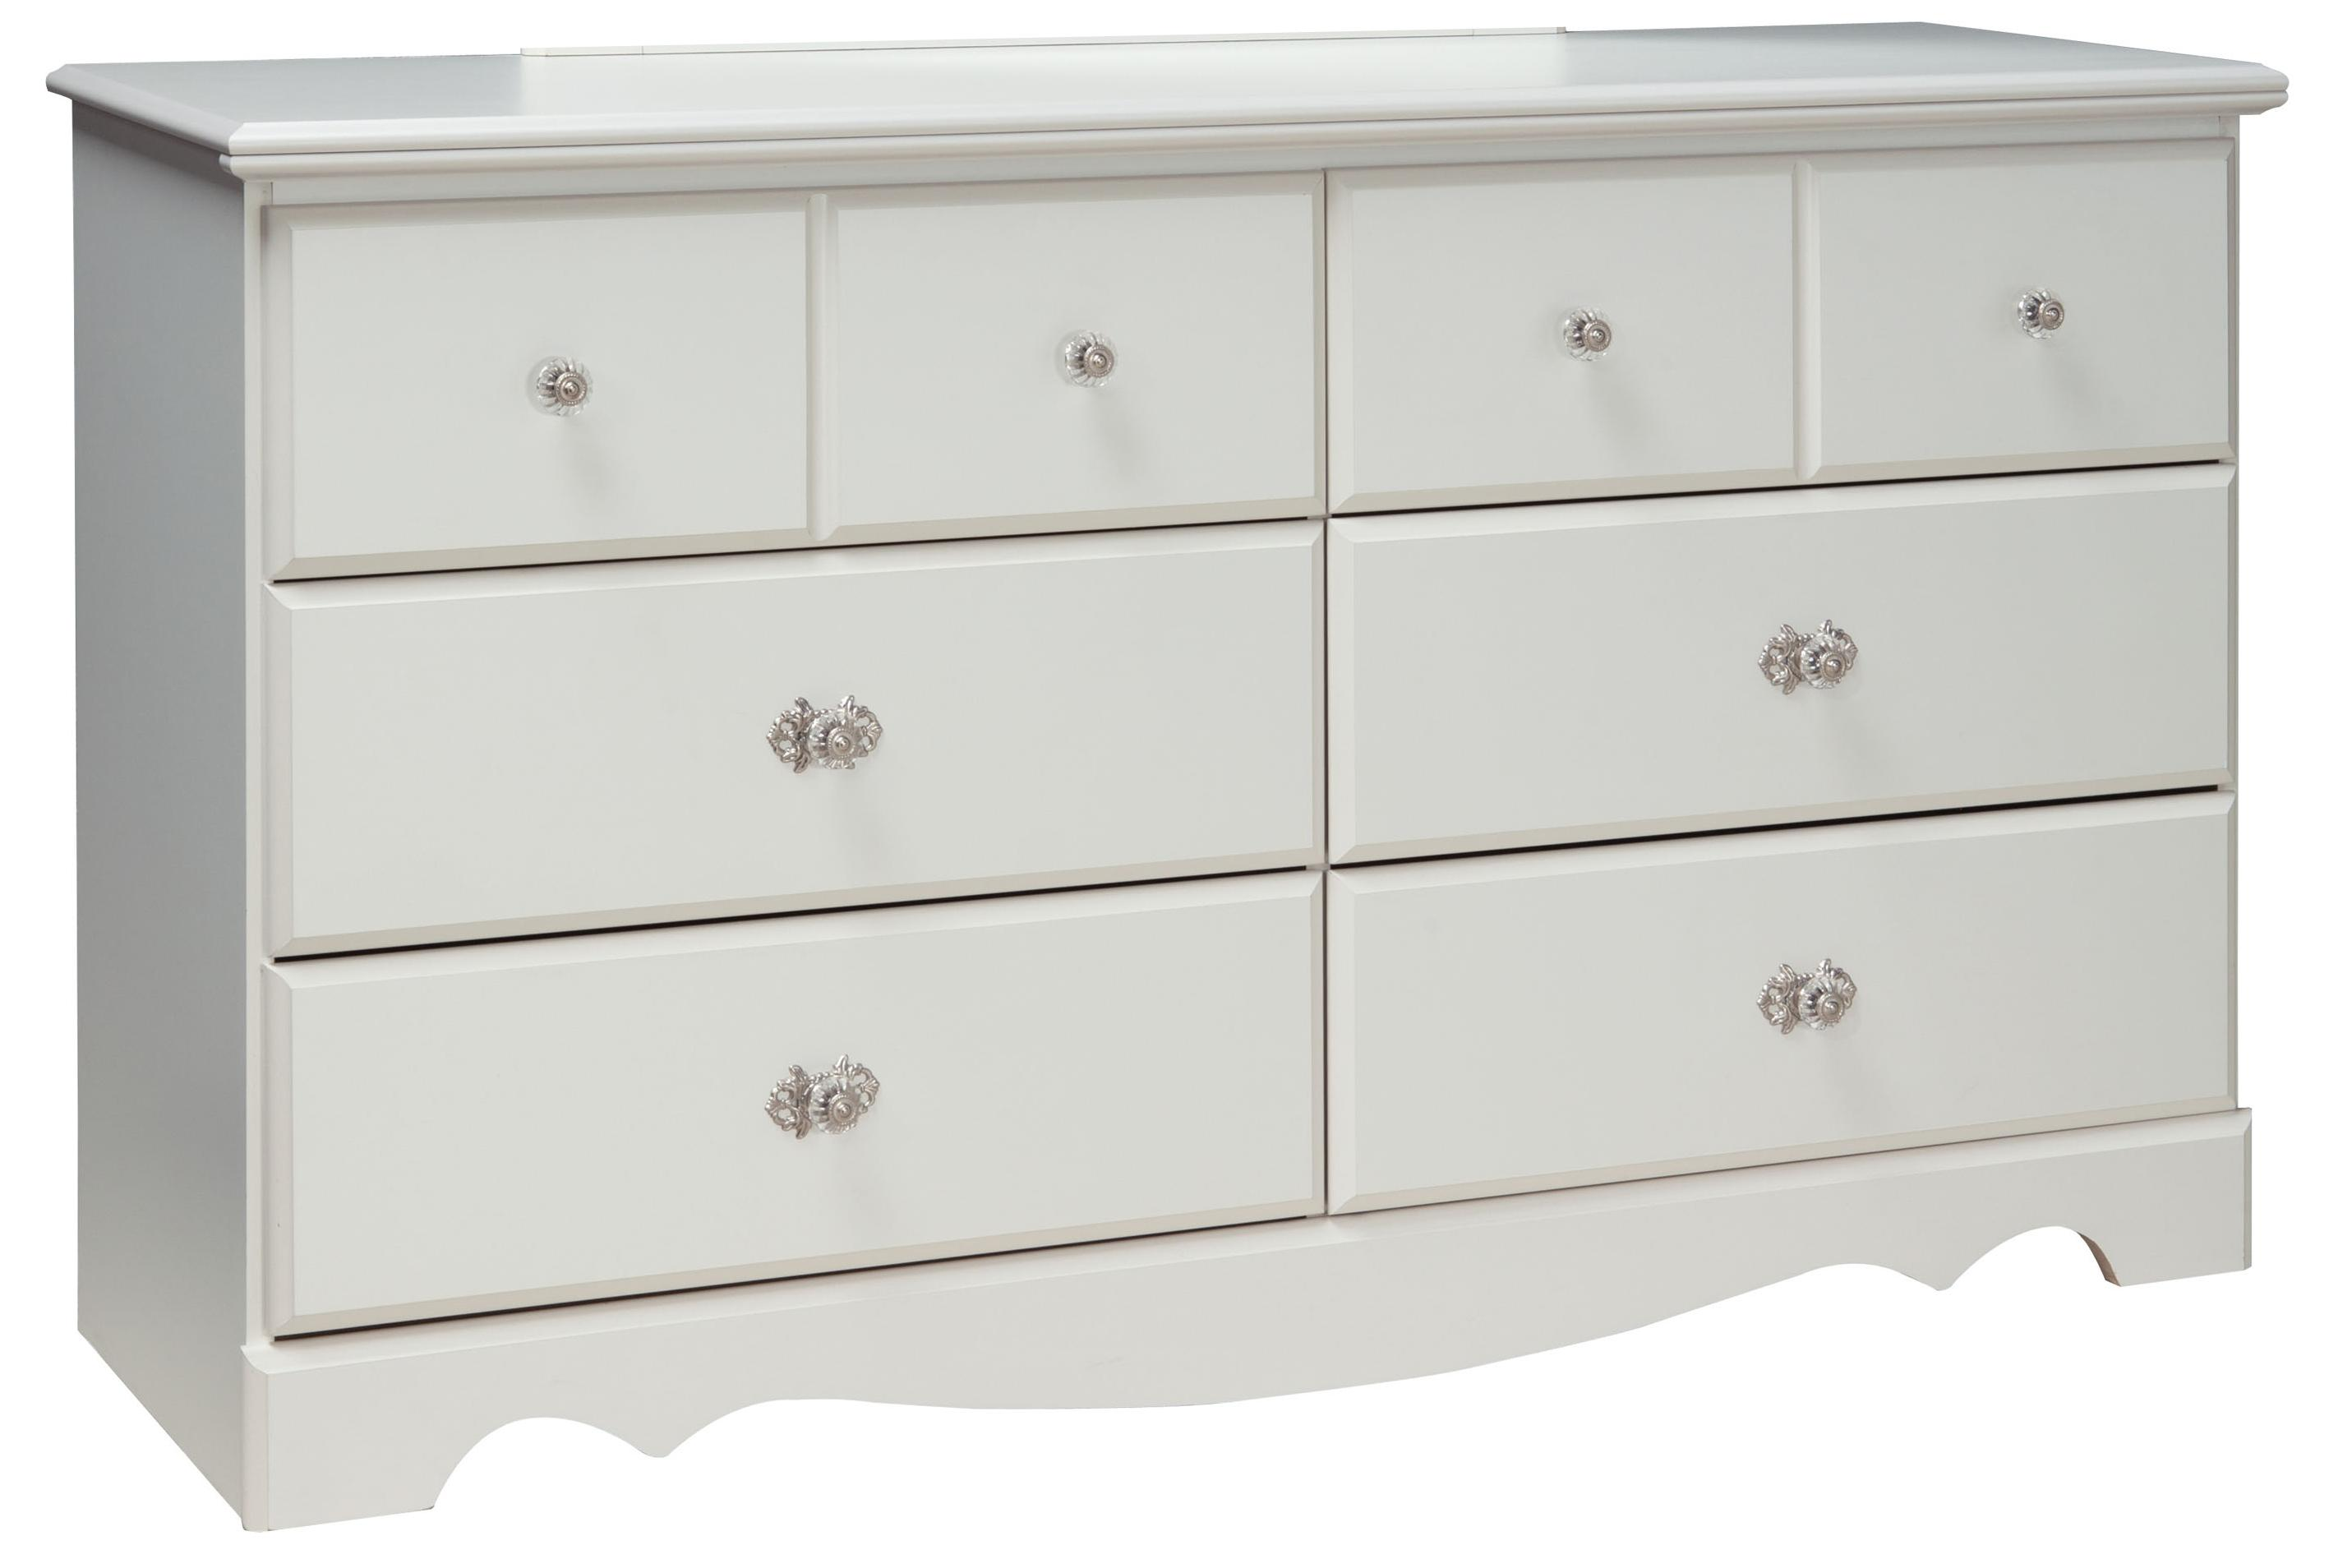 Standard Furniture Daphne Drawer Dresser - Item Number: 65559